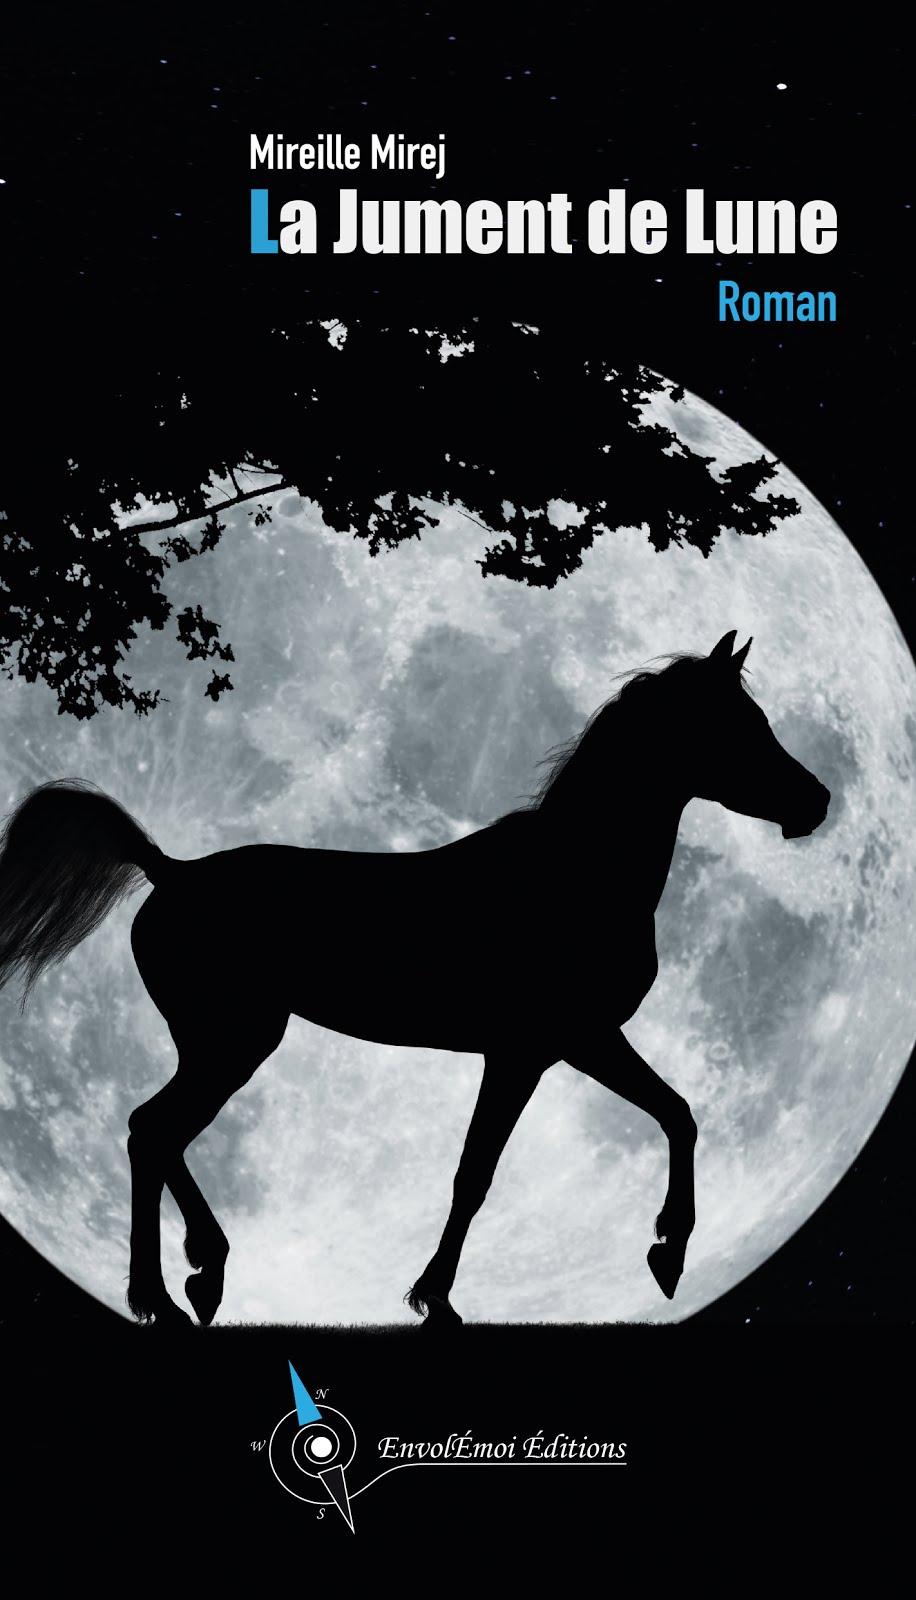 La Jument de Lune